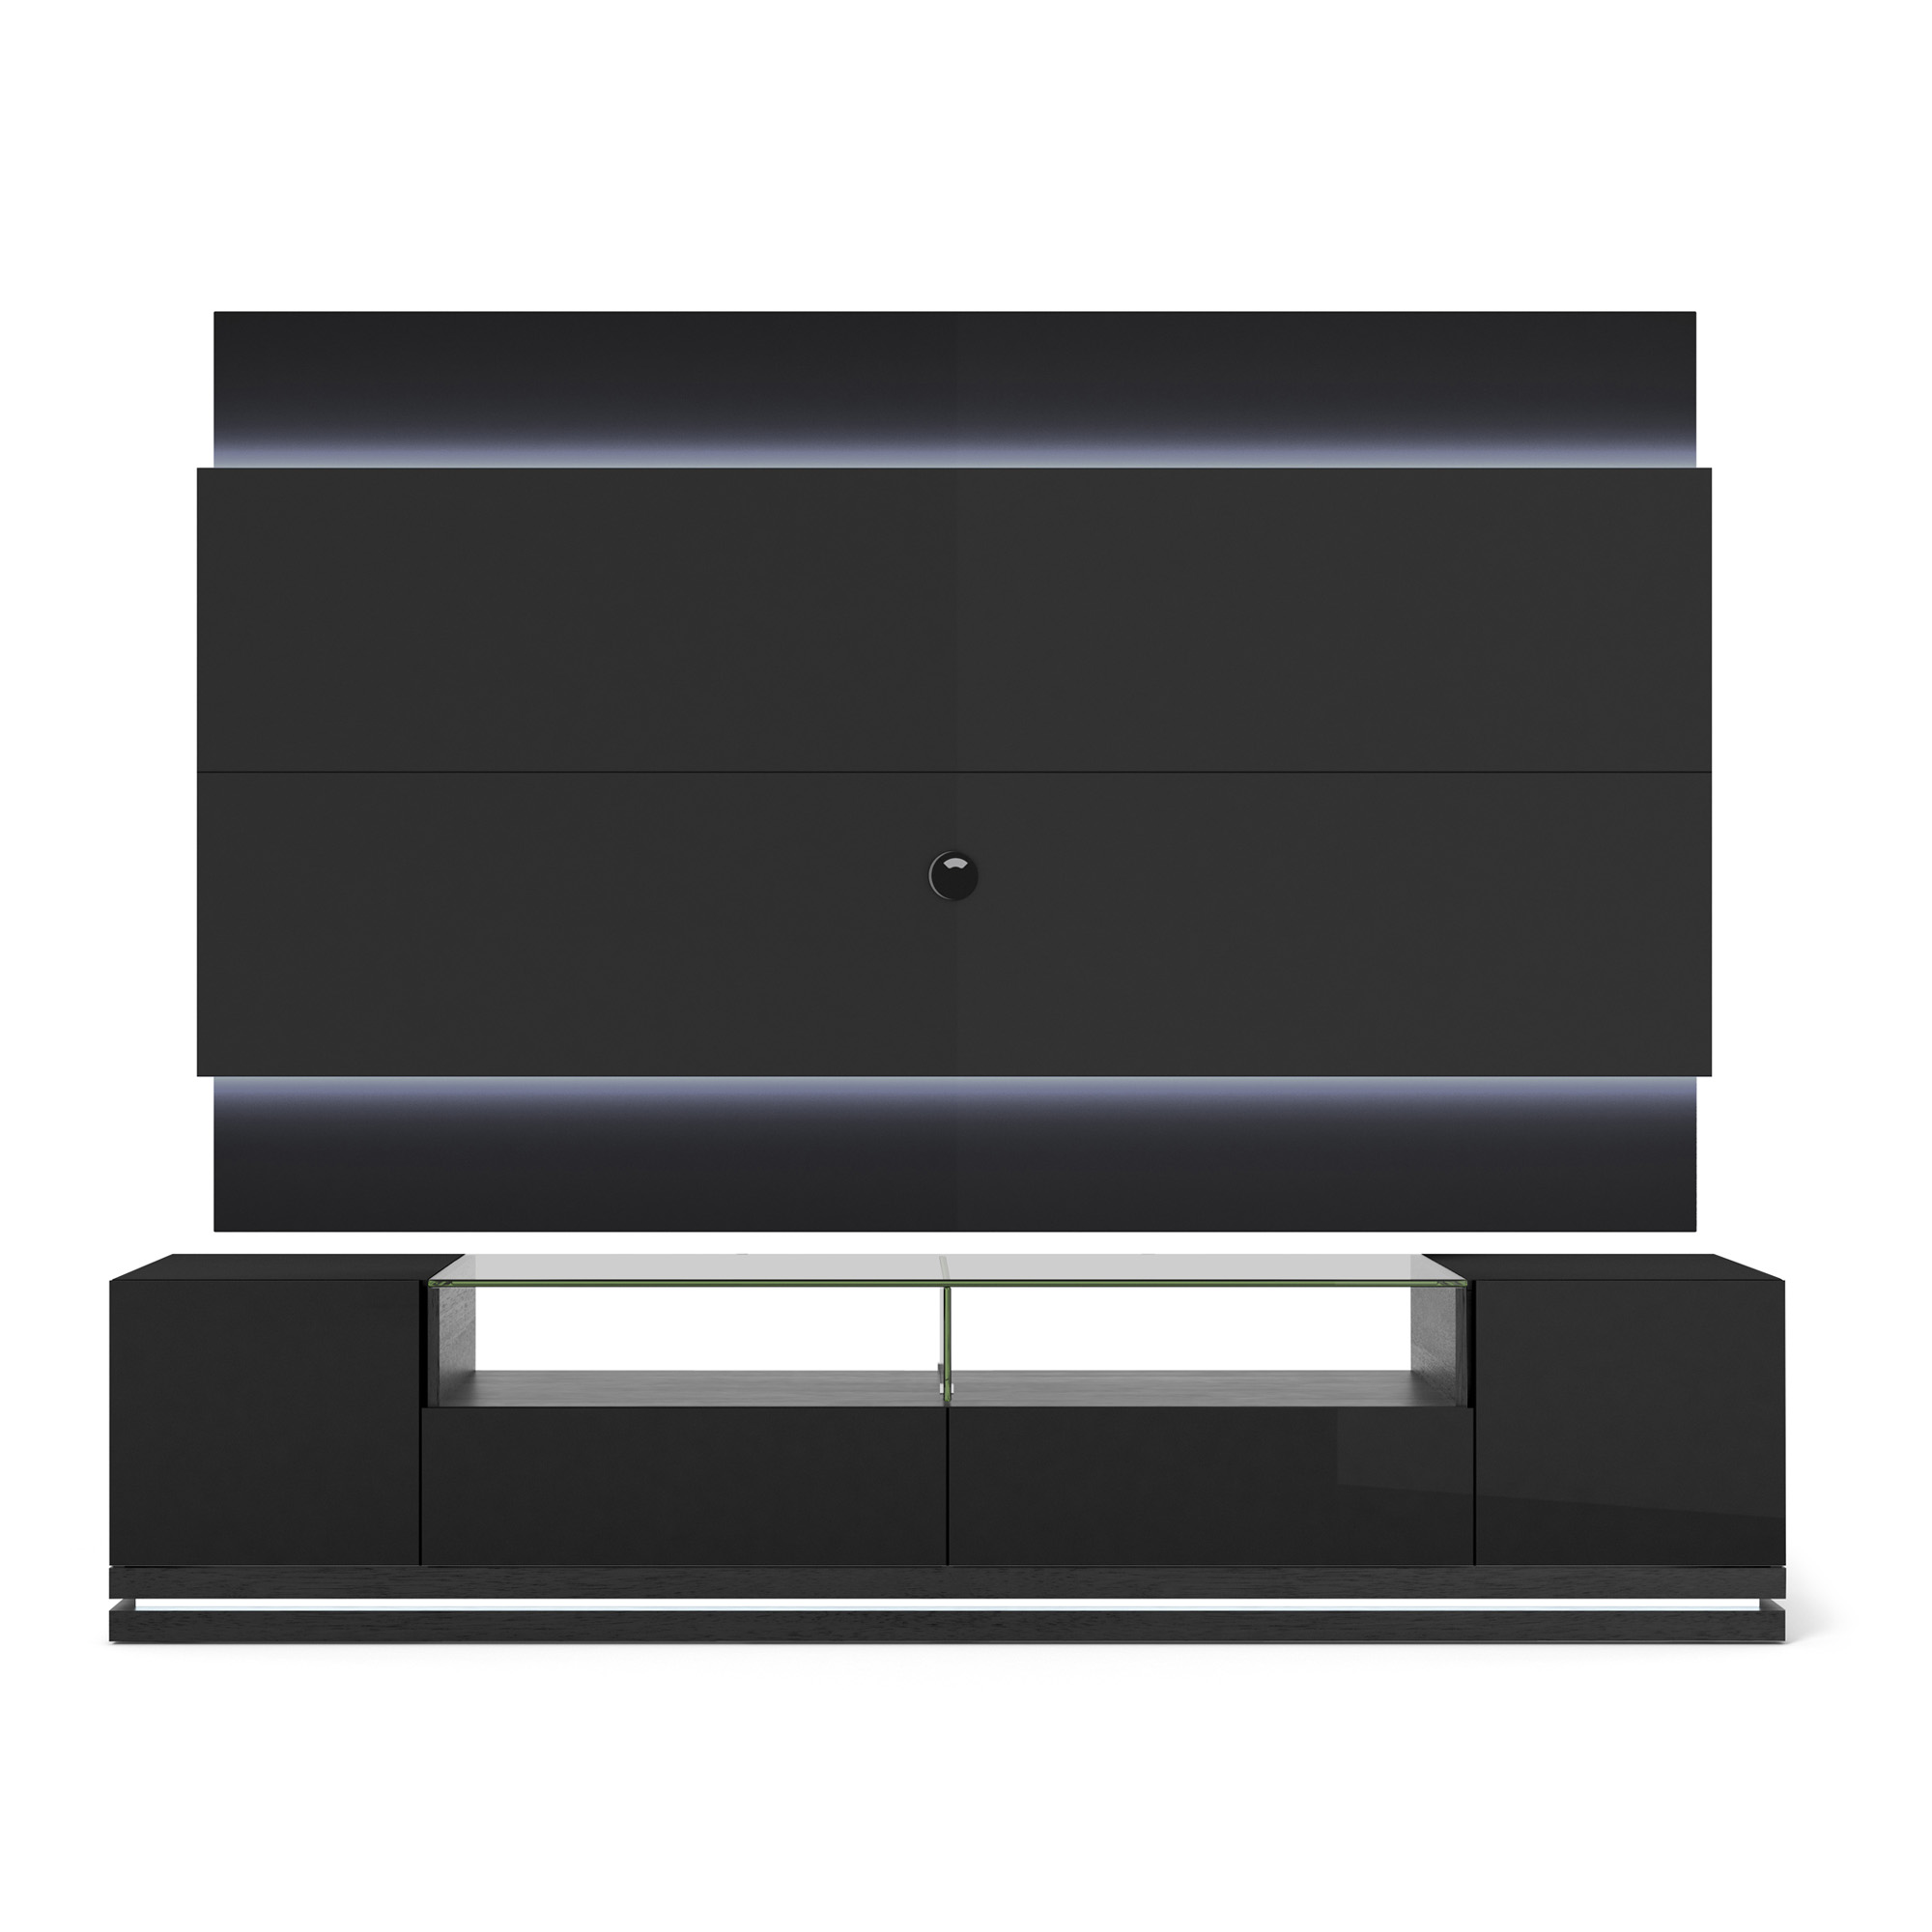 vanderbilt black gloss black matte tv stand 2 2 floating wall tv panel w led lights by. Black Bedroom Furniture Sets. Home Design Ideas